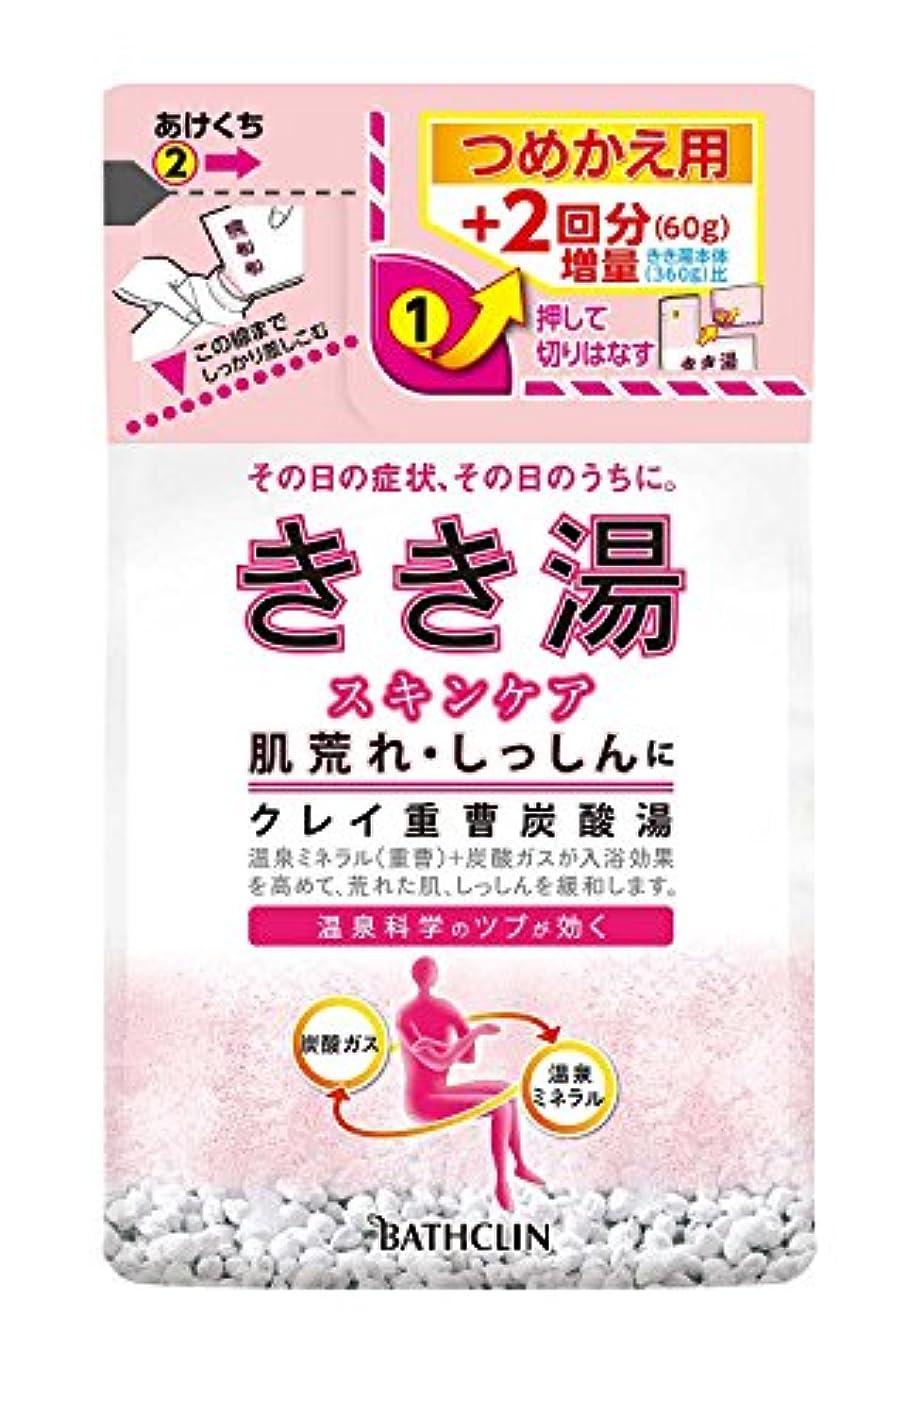 順応性アクロバット縫い目きき湯 クレイ重曹炭酸湯 つめかえ用 420g 入浴剤 (医薬部外品)